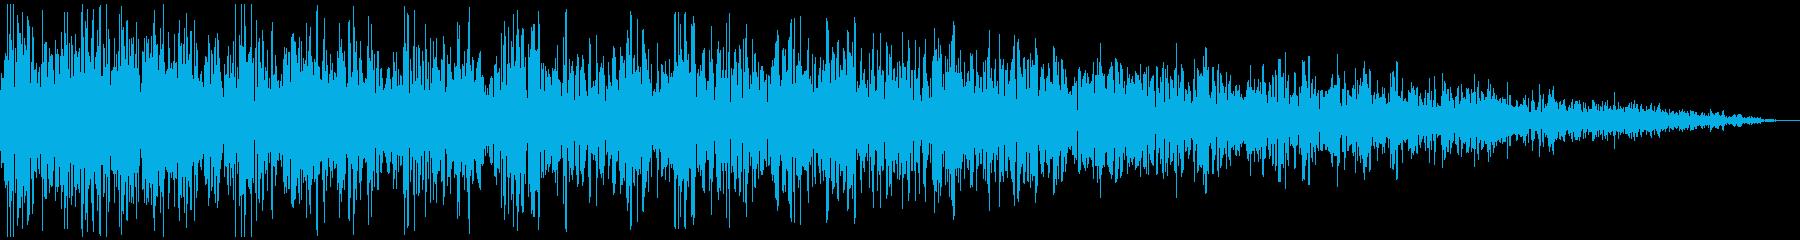 ガーン (ショック、衝撃を受ける) 短めの再生済みの波形